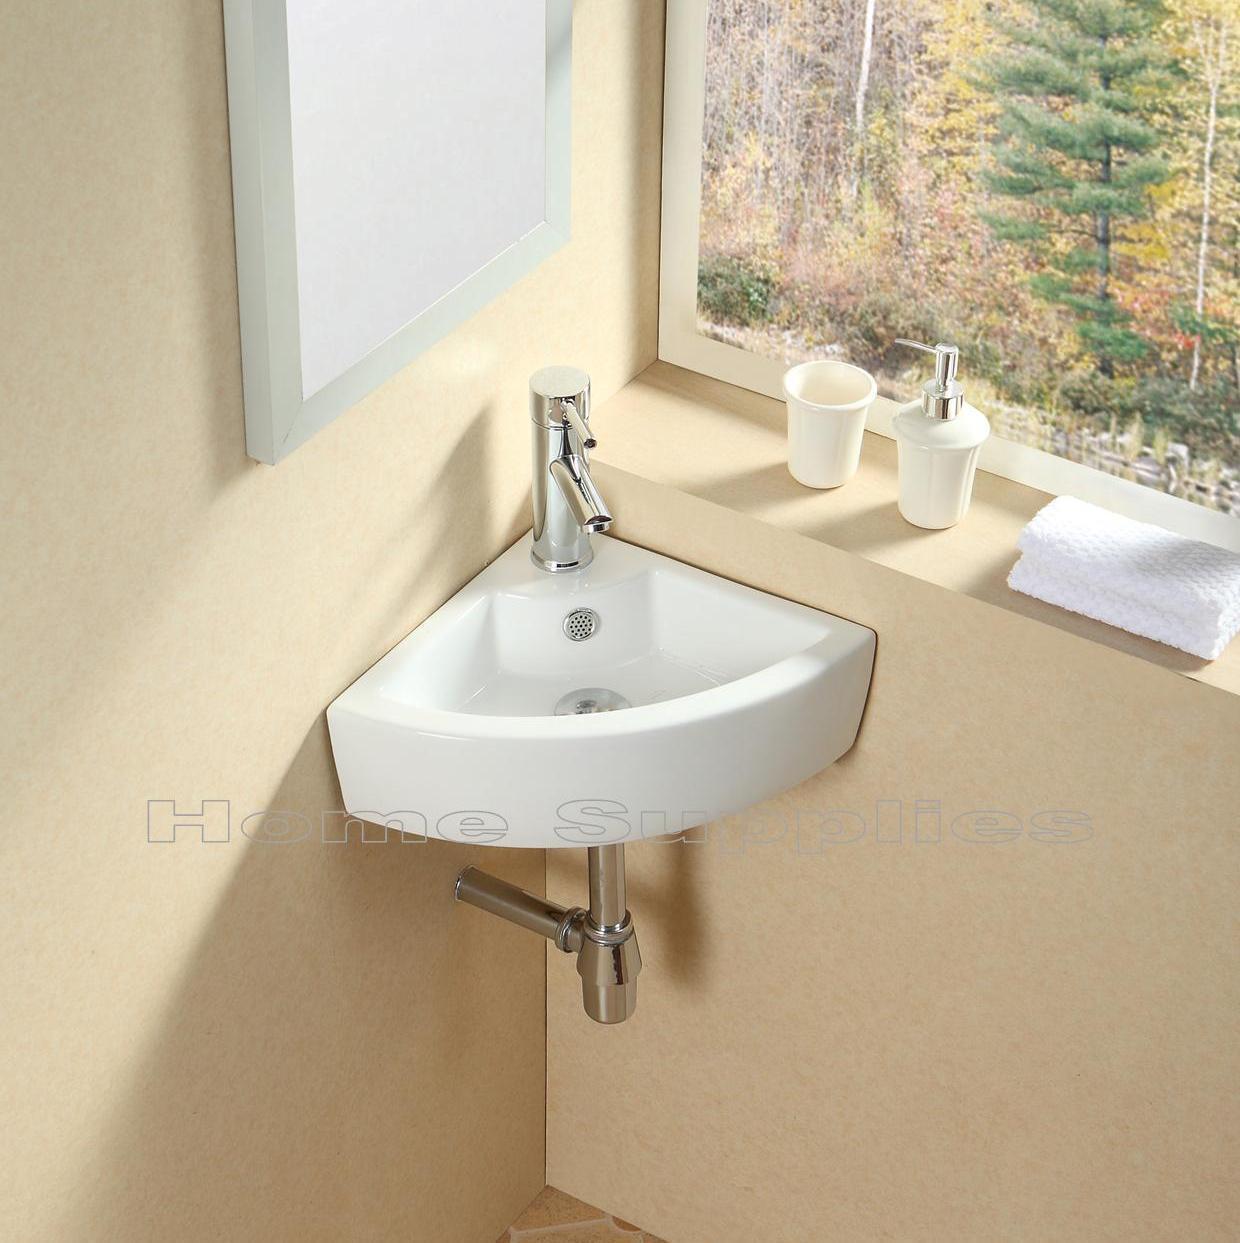 Cuarto de baño aseo parojo colgado esquina Cuenca Fregadero (entrega Rápida y gratis)